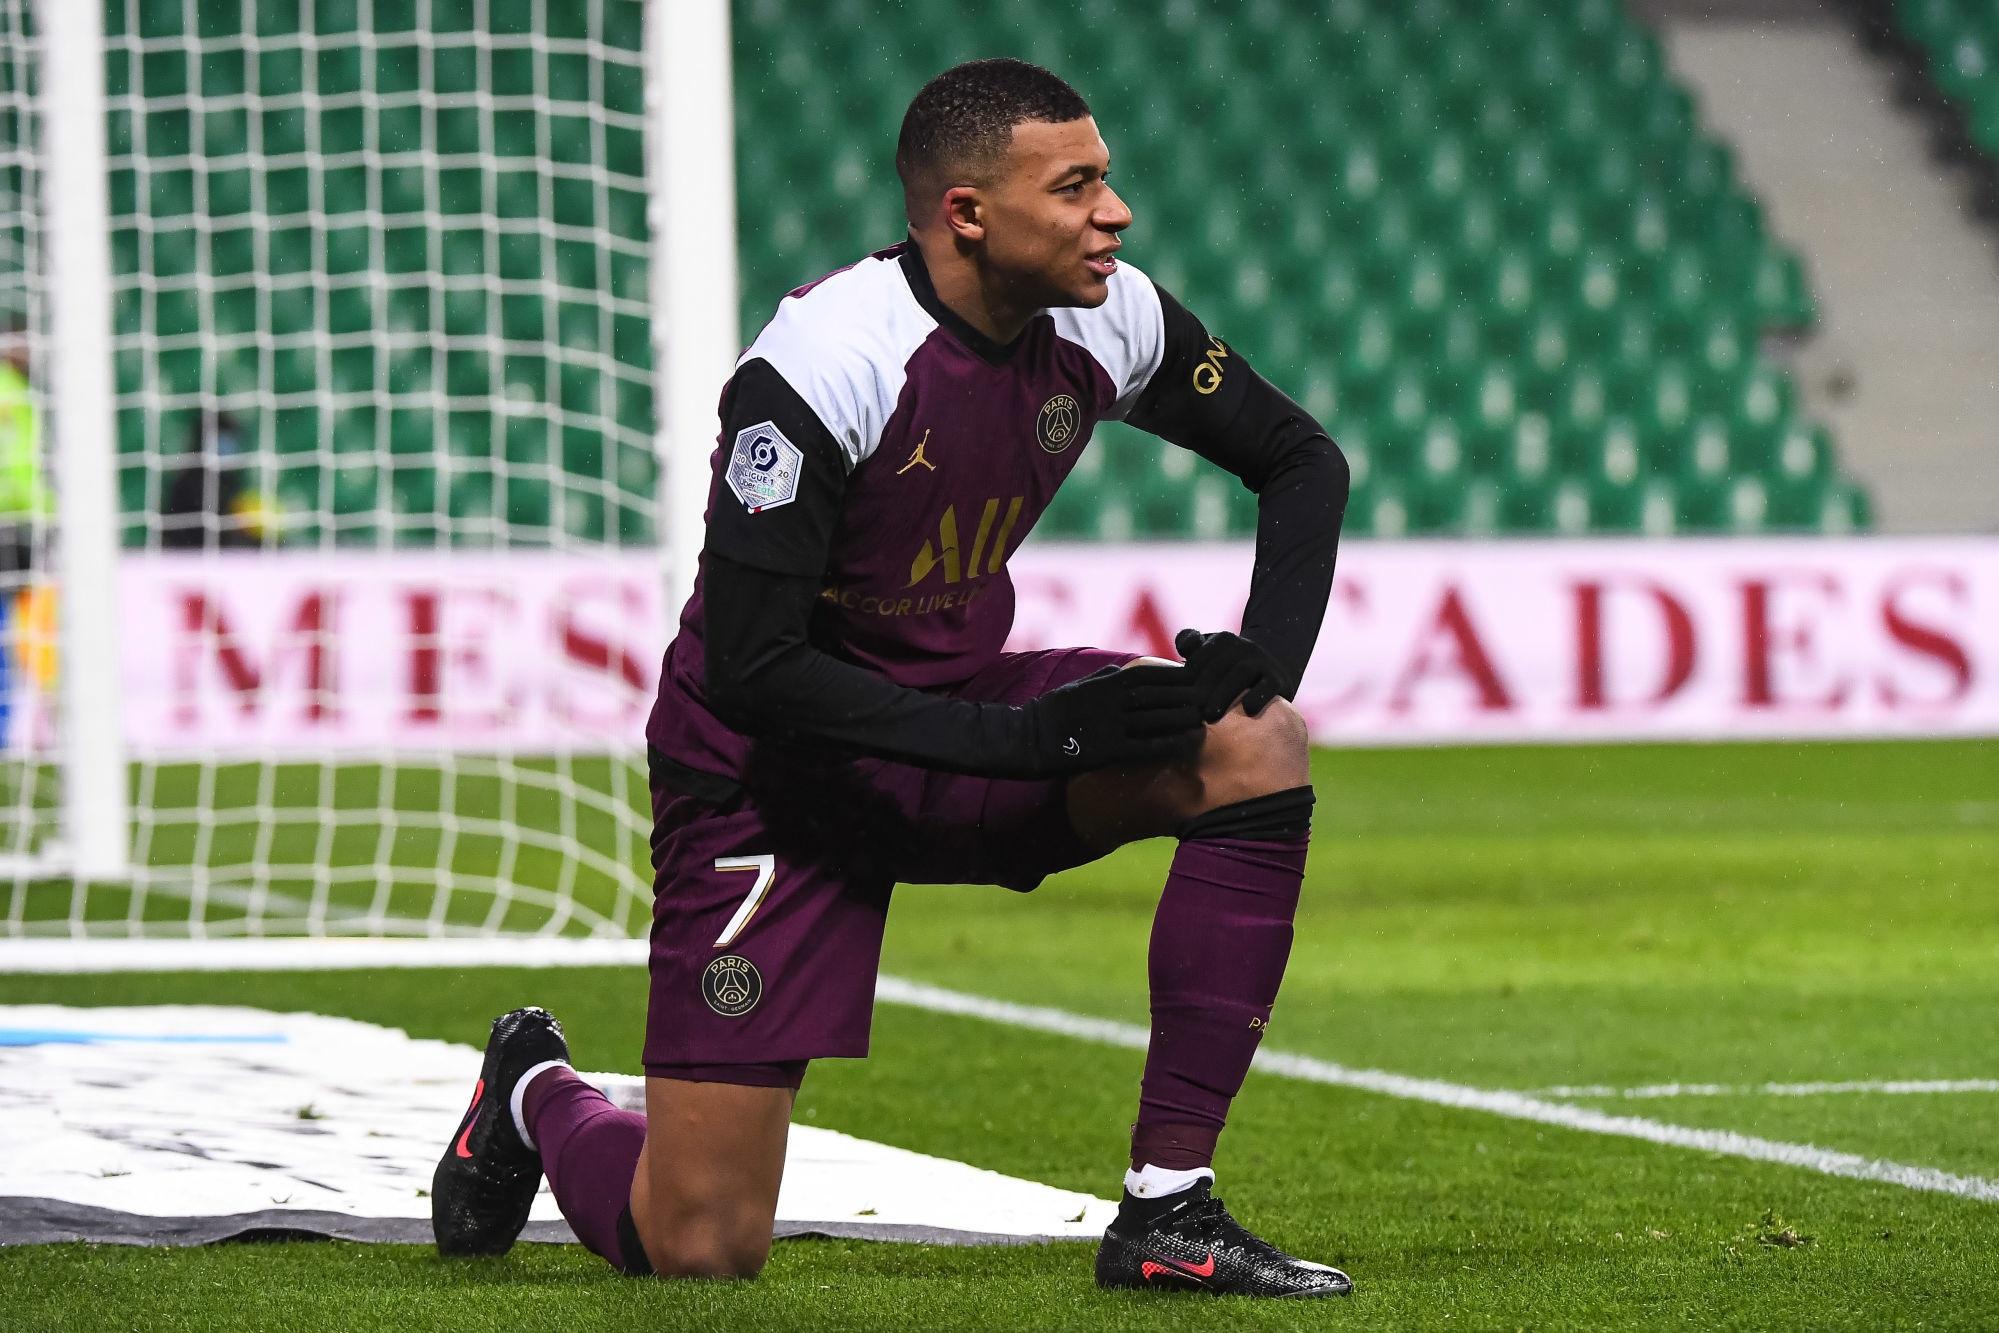 Résumé Saint-Etienne/PSG (1-1) - La vidéo des buts et des temps forts du match